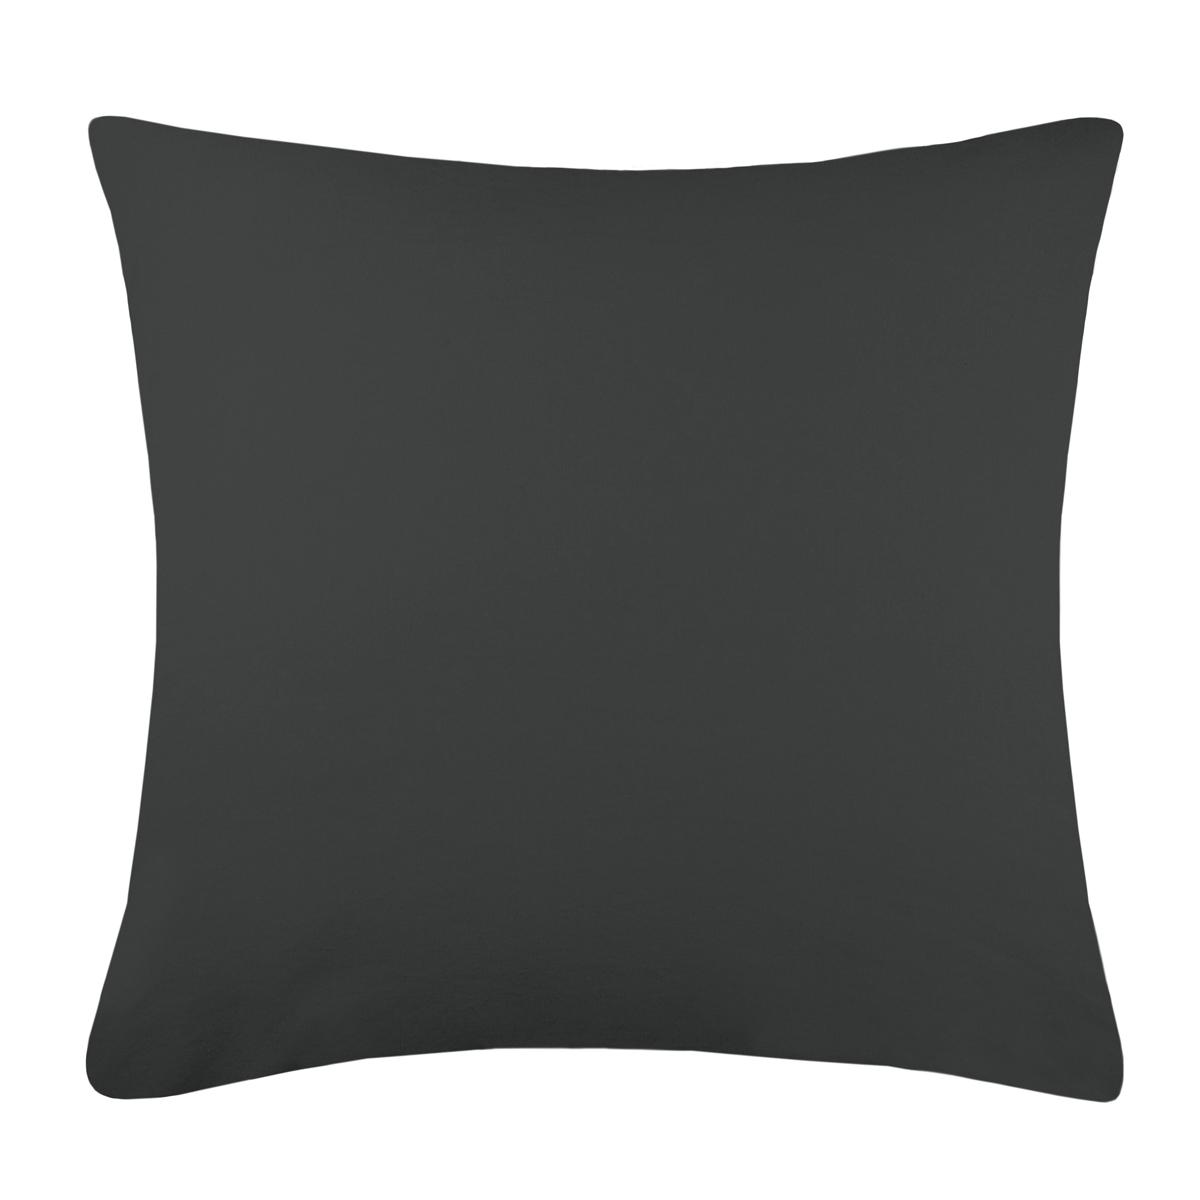 Taie d'oreiller unie en 100% coton lavé (Anthracite)